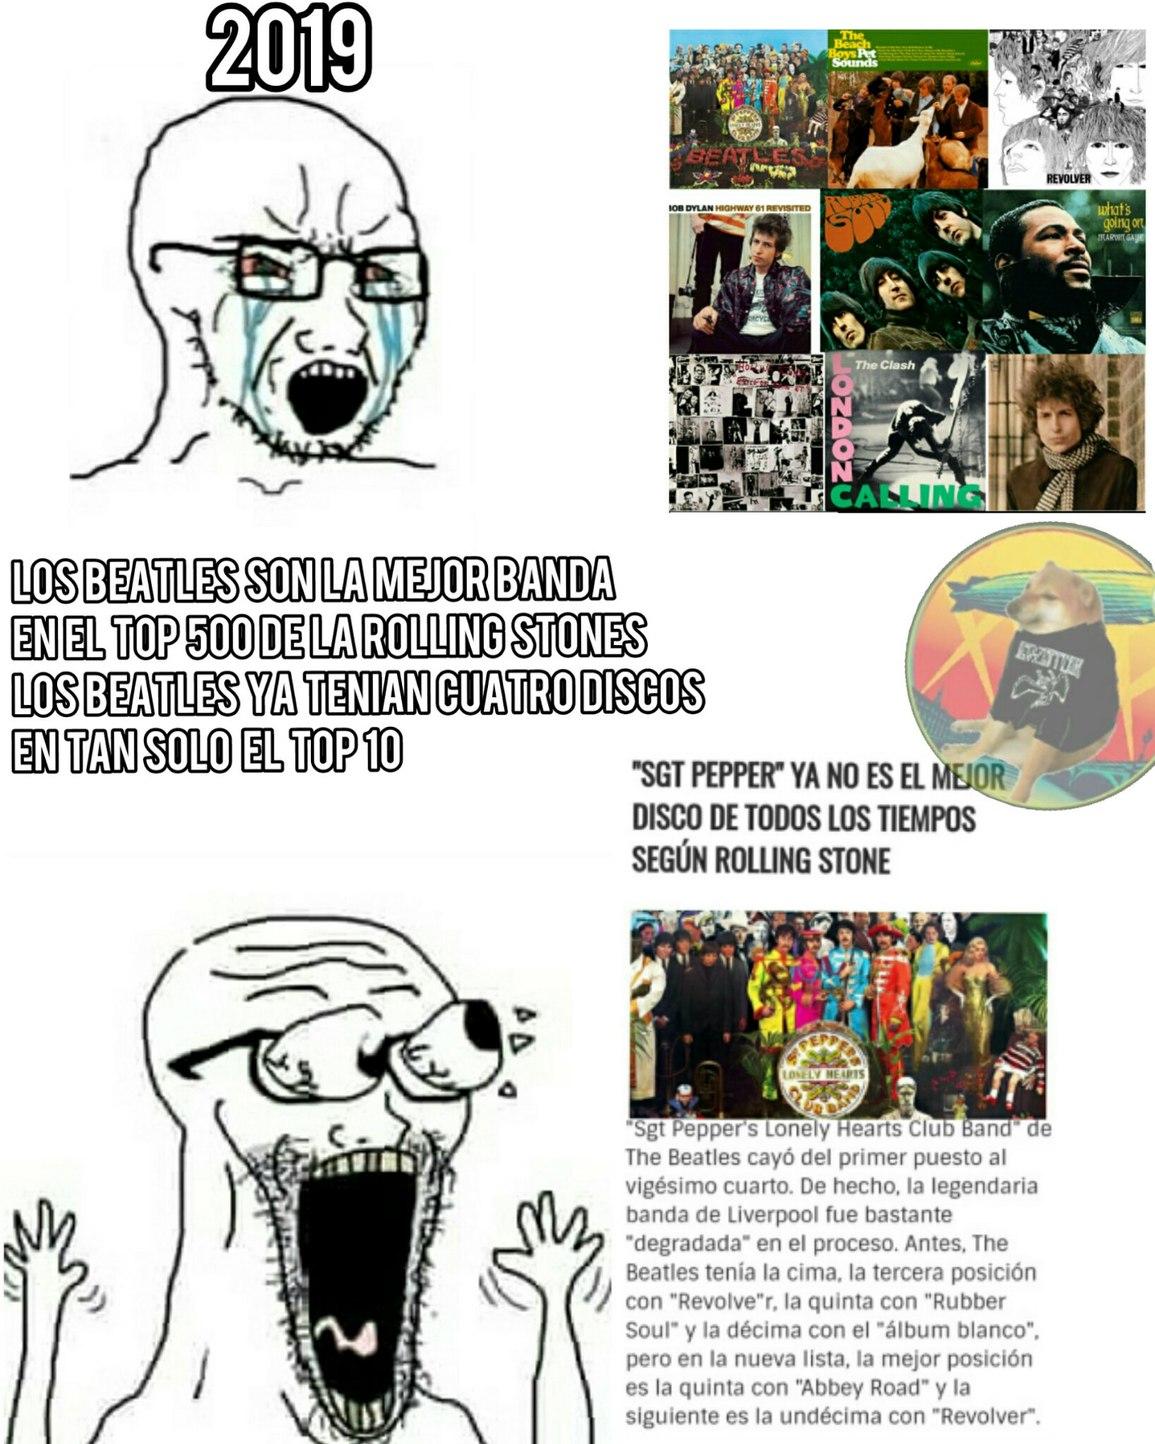 Por eso no usen de argumento lo que diga una revista - meme